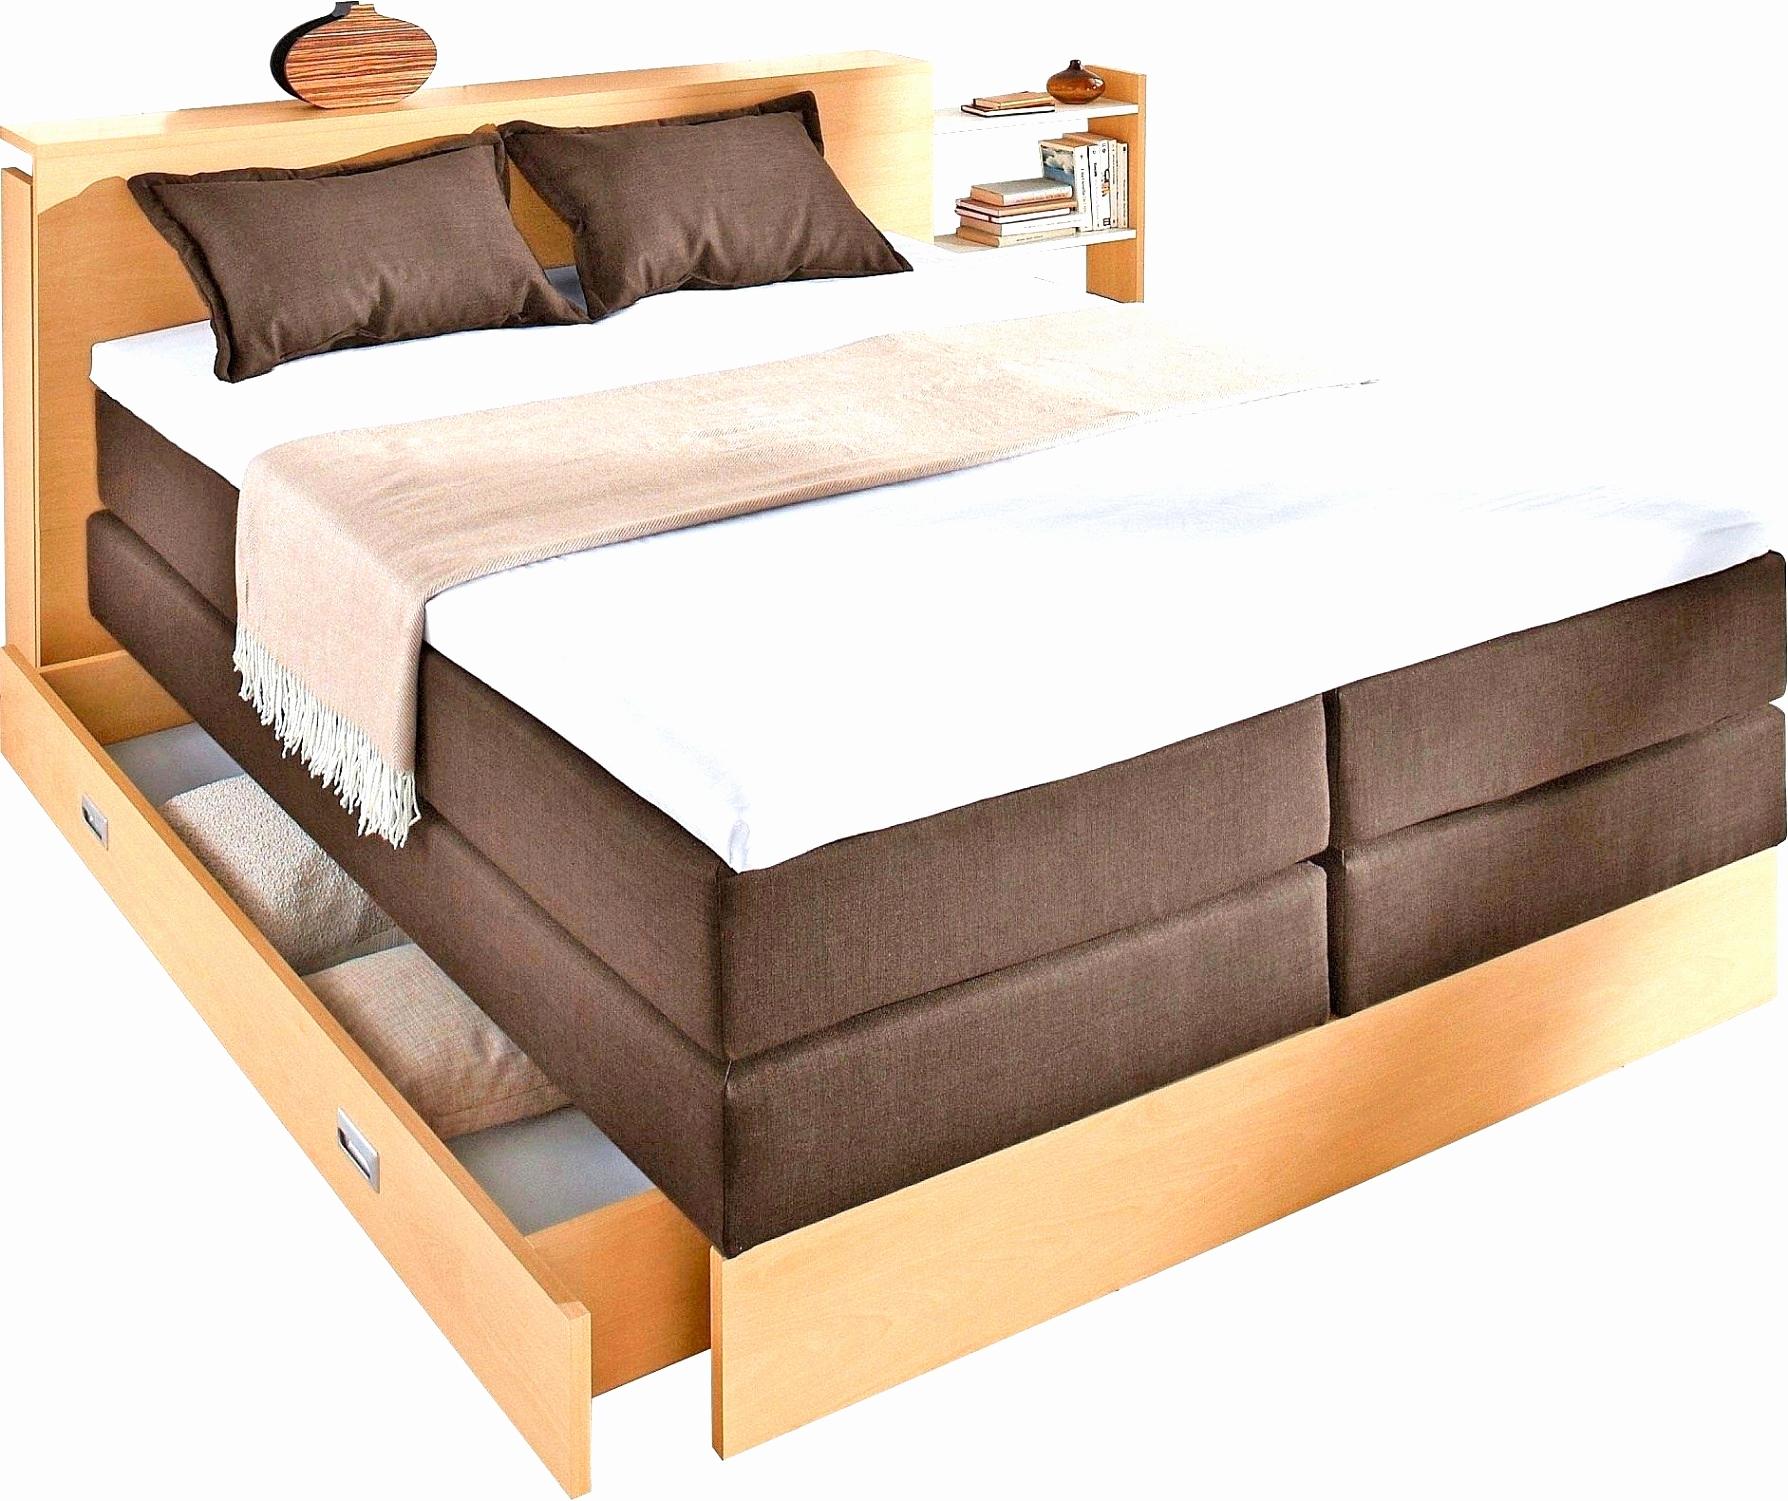 Full Size of Sofa Ottomane Betten De Nolte 160x200 Jabo Für Teenager Dänisches Bettenlager Badezimmer Rauch Gebrauchte 140x200 Weiß Amazon 180x200 Wohnzimmer Otto Betten